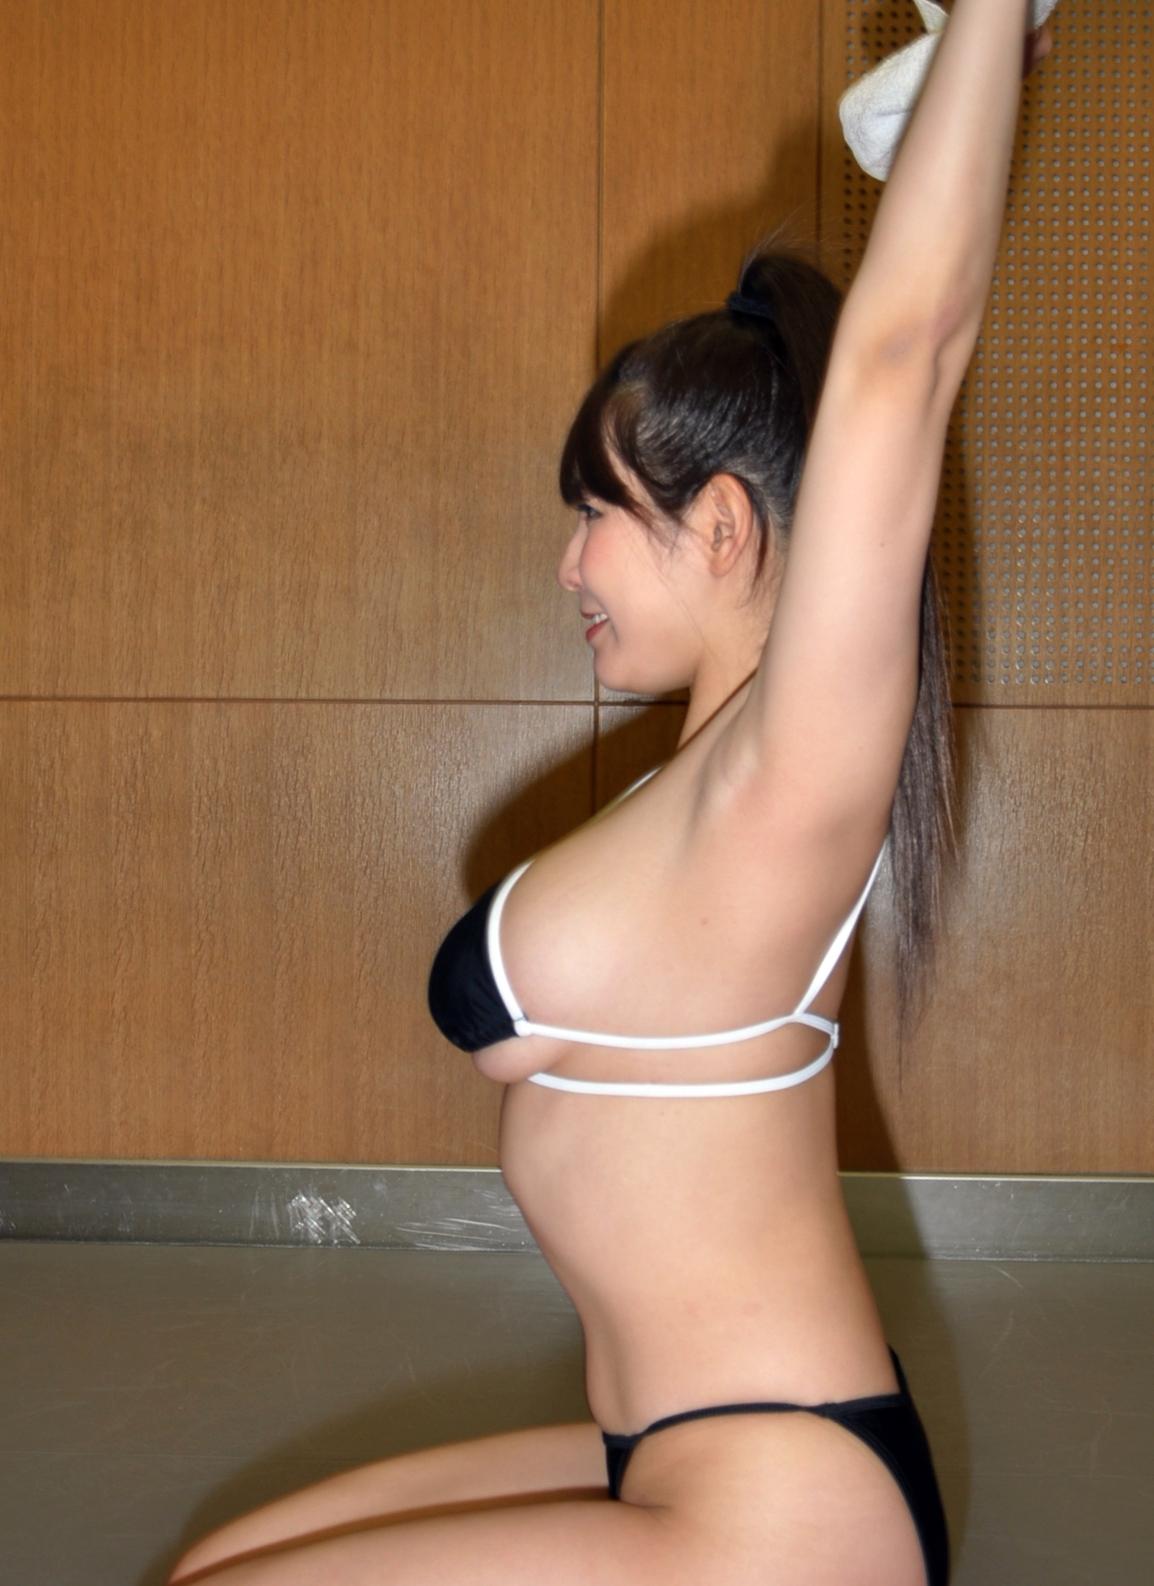 夏来唯の幅広腋 (3)